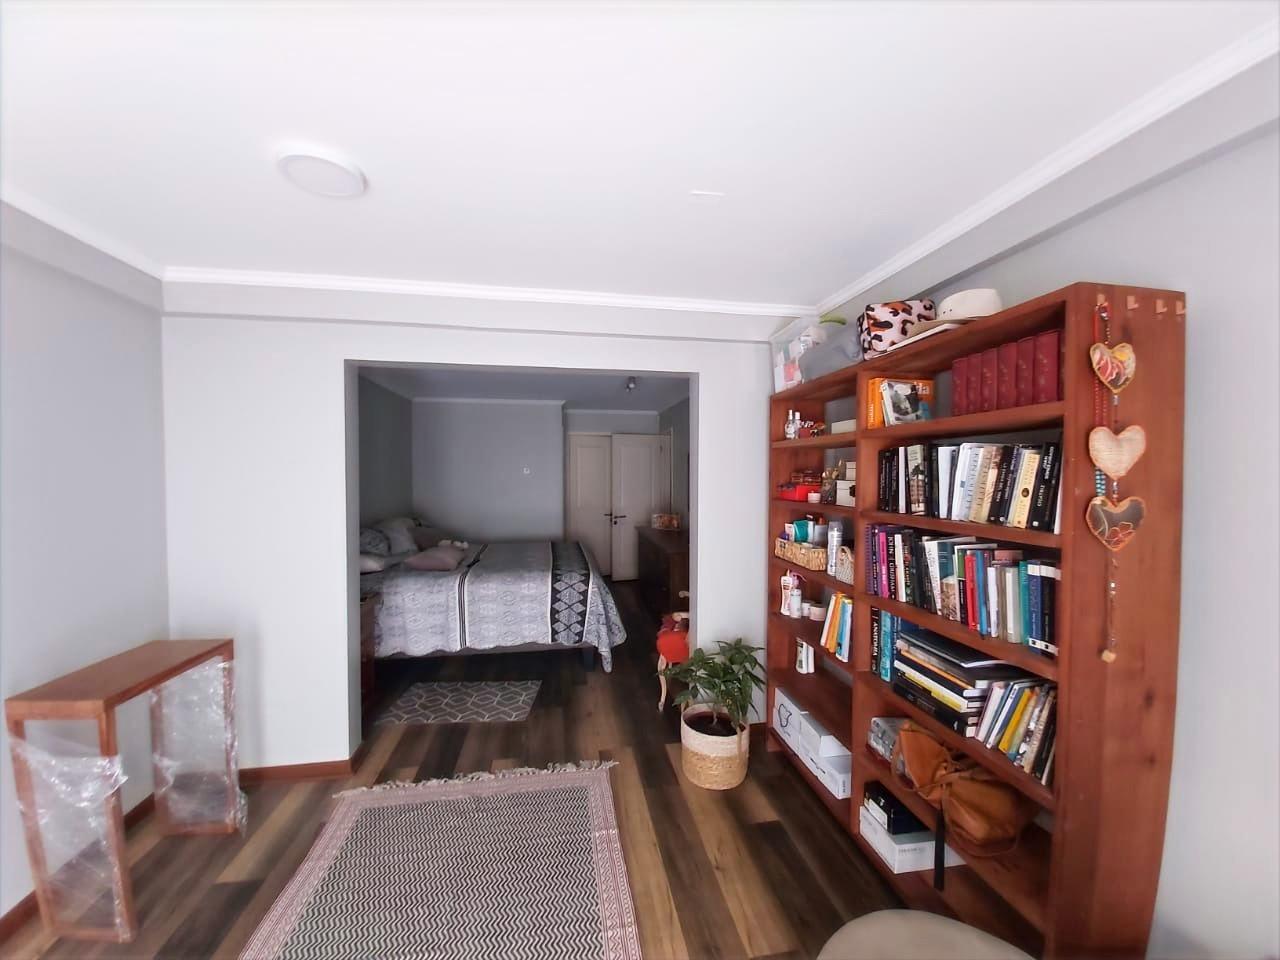 ampliación dormitorio